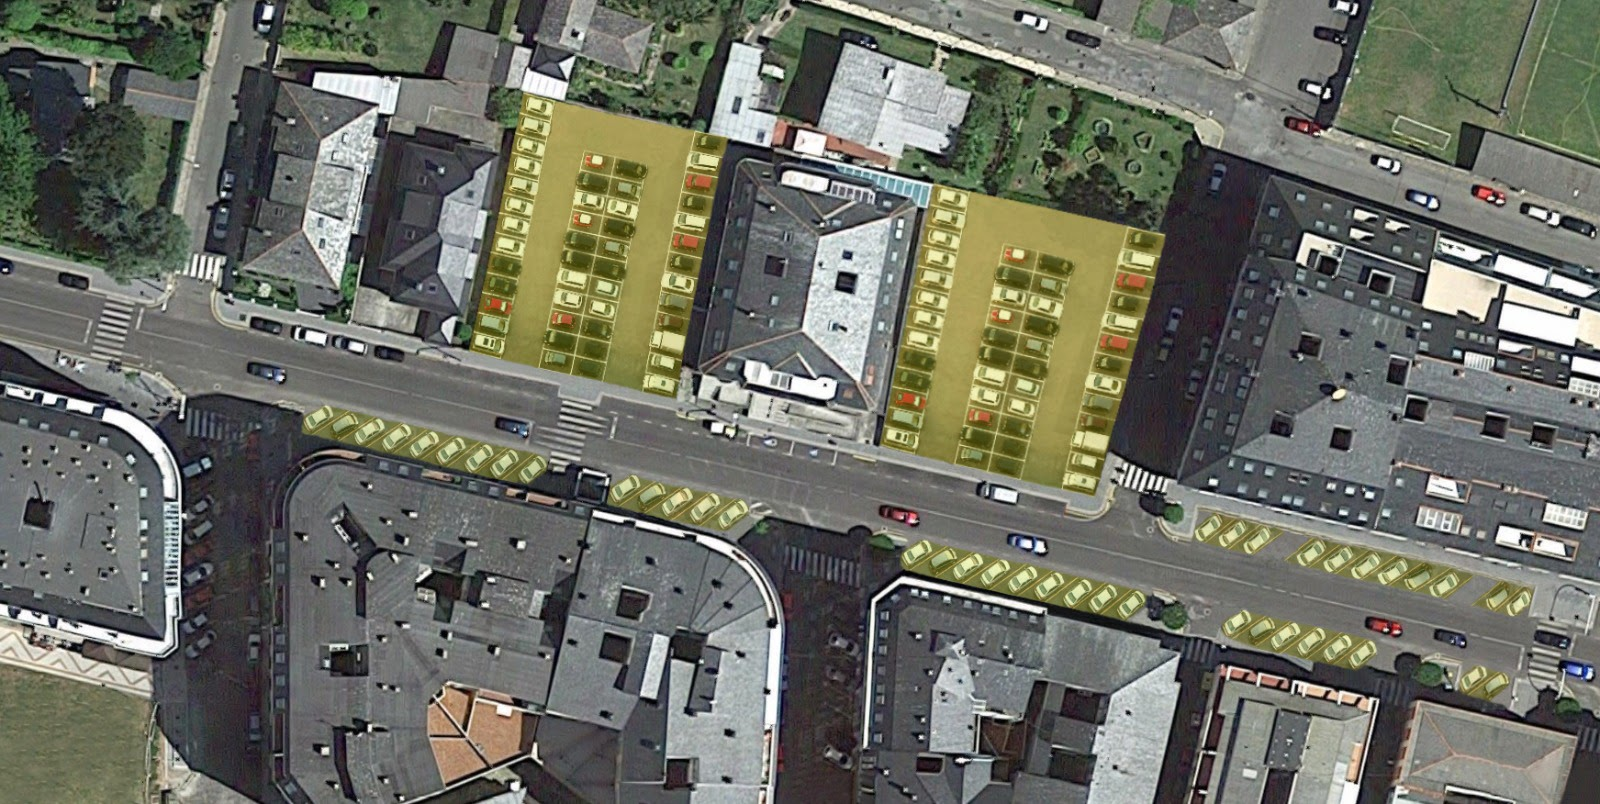 Sen avances na proposta do BNG para utilizar solares privados de Covas como aparcadoiros públicos